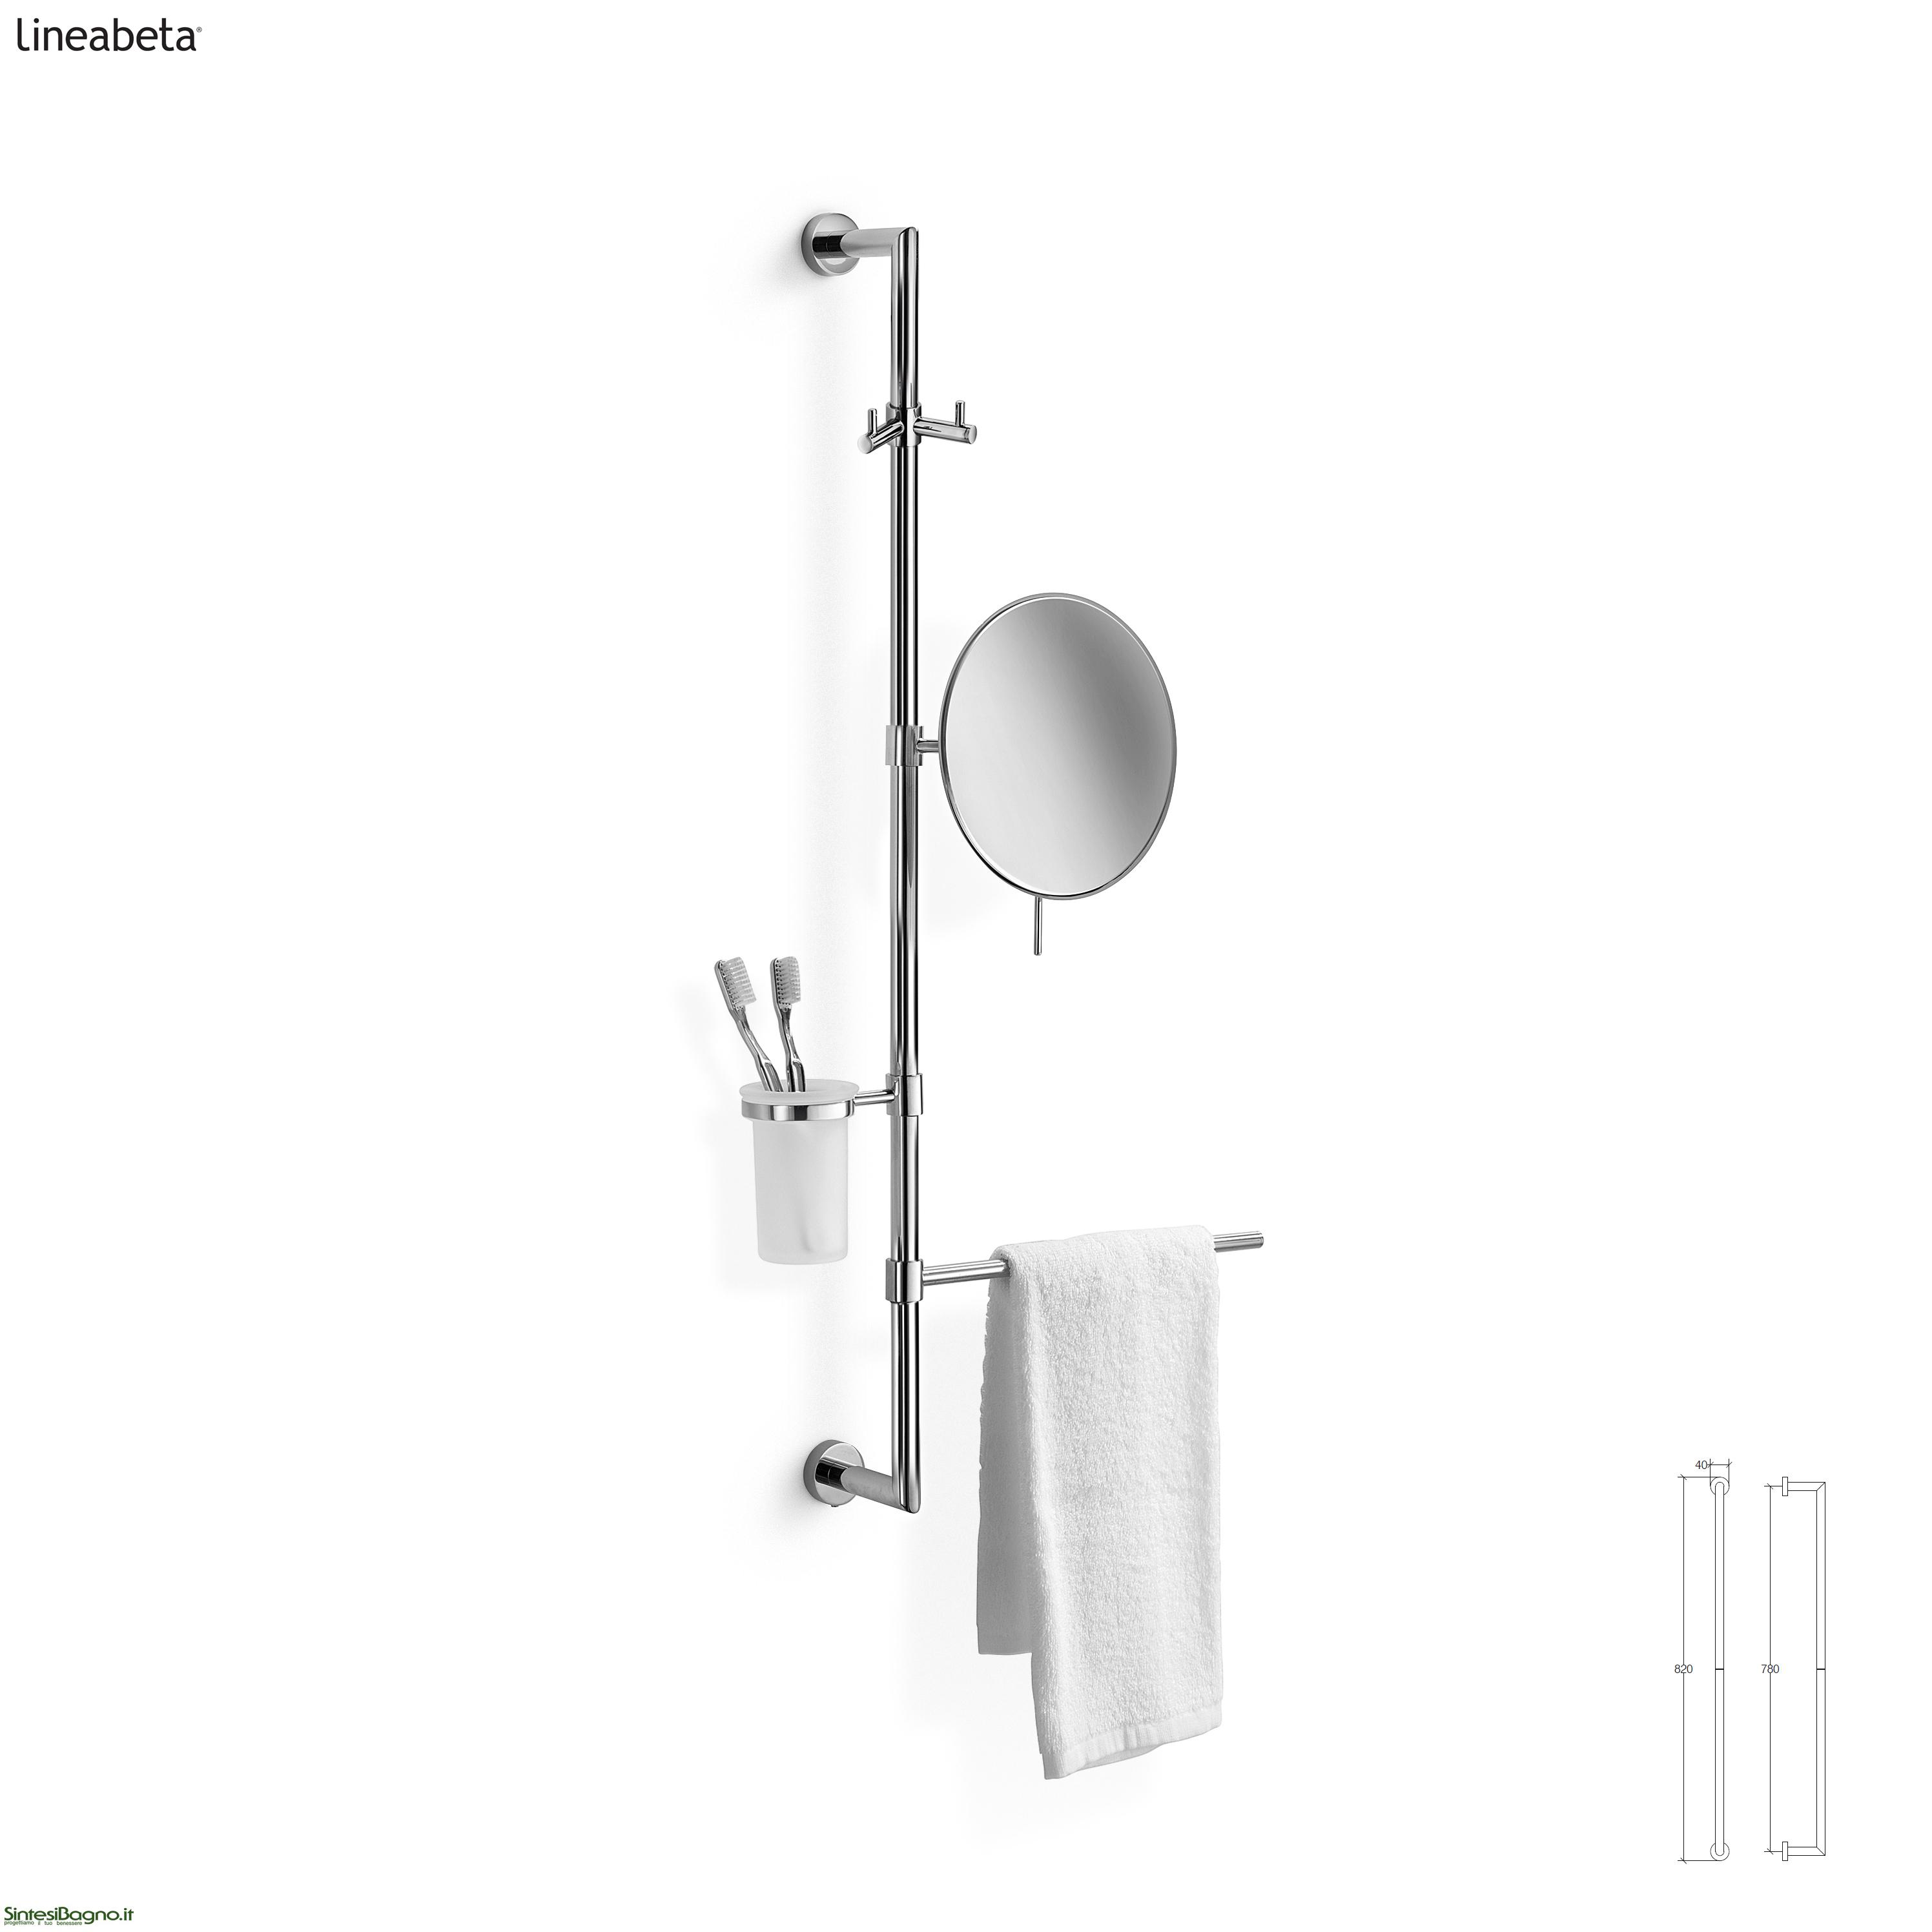 Barre attrezzabili per accessori bagno arredobagno news for Accessori per bagno